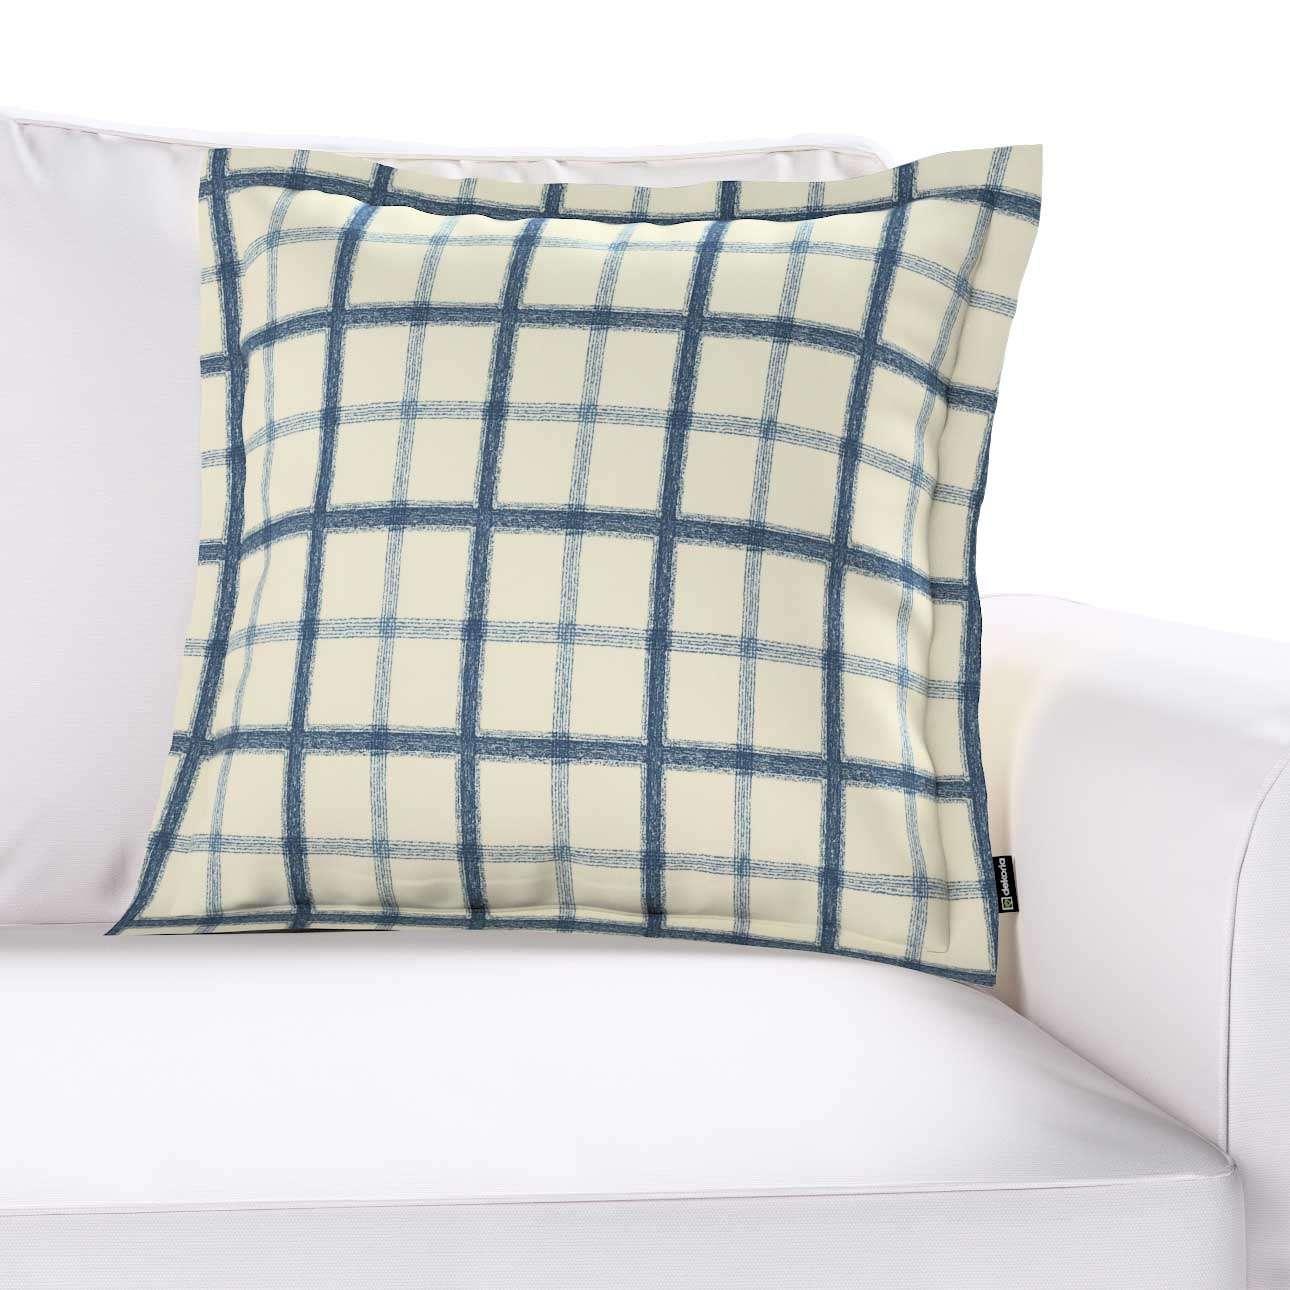 Poszewka Mona na poduszkę w kolekcji Avinon, tkanina: 131-66